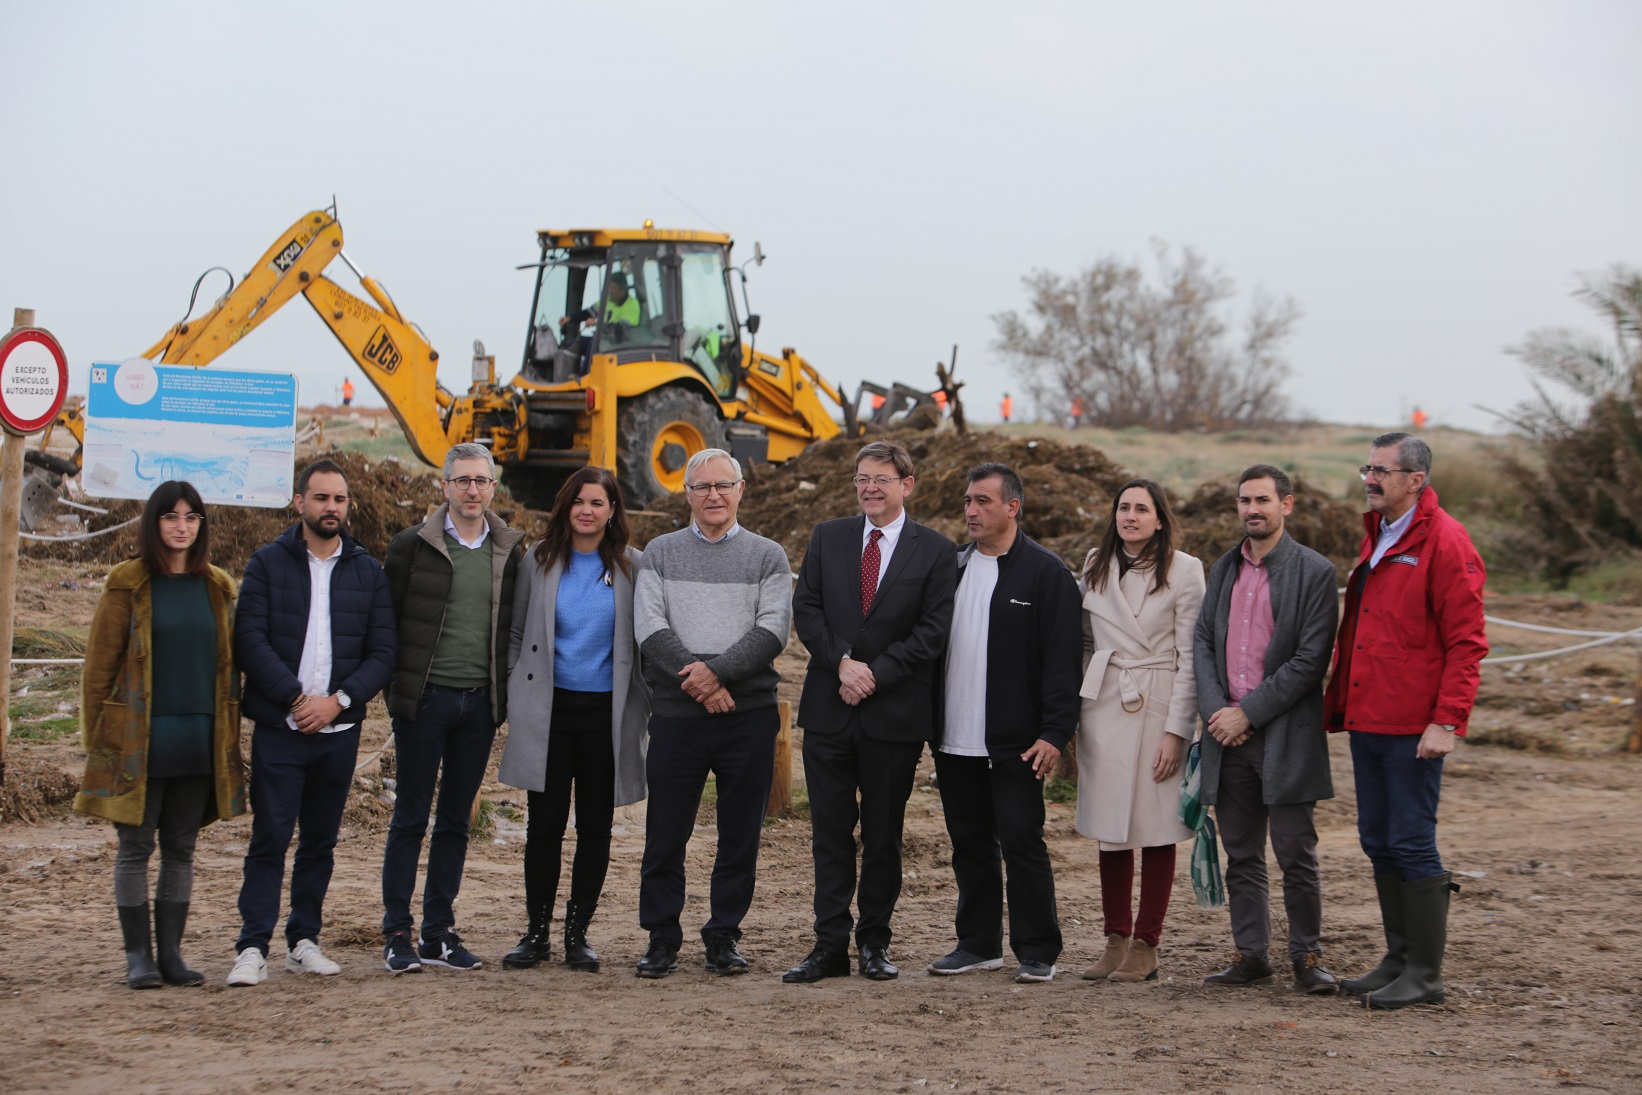 Ximo Puig visita la playa de El Perellonet para conocer de primera mano los daños causados por el temporal en el litoral valenciano